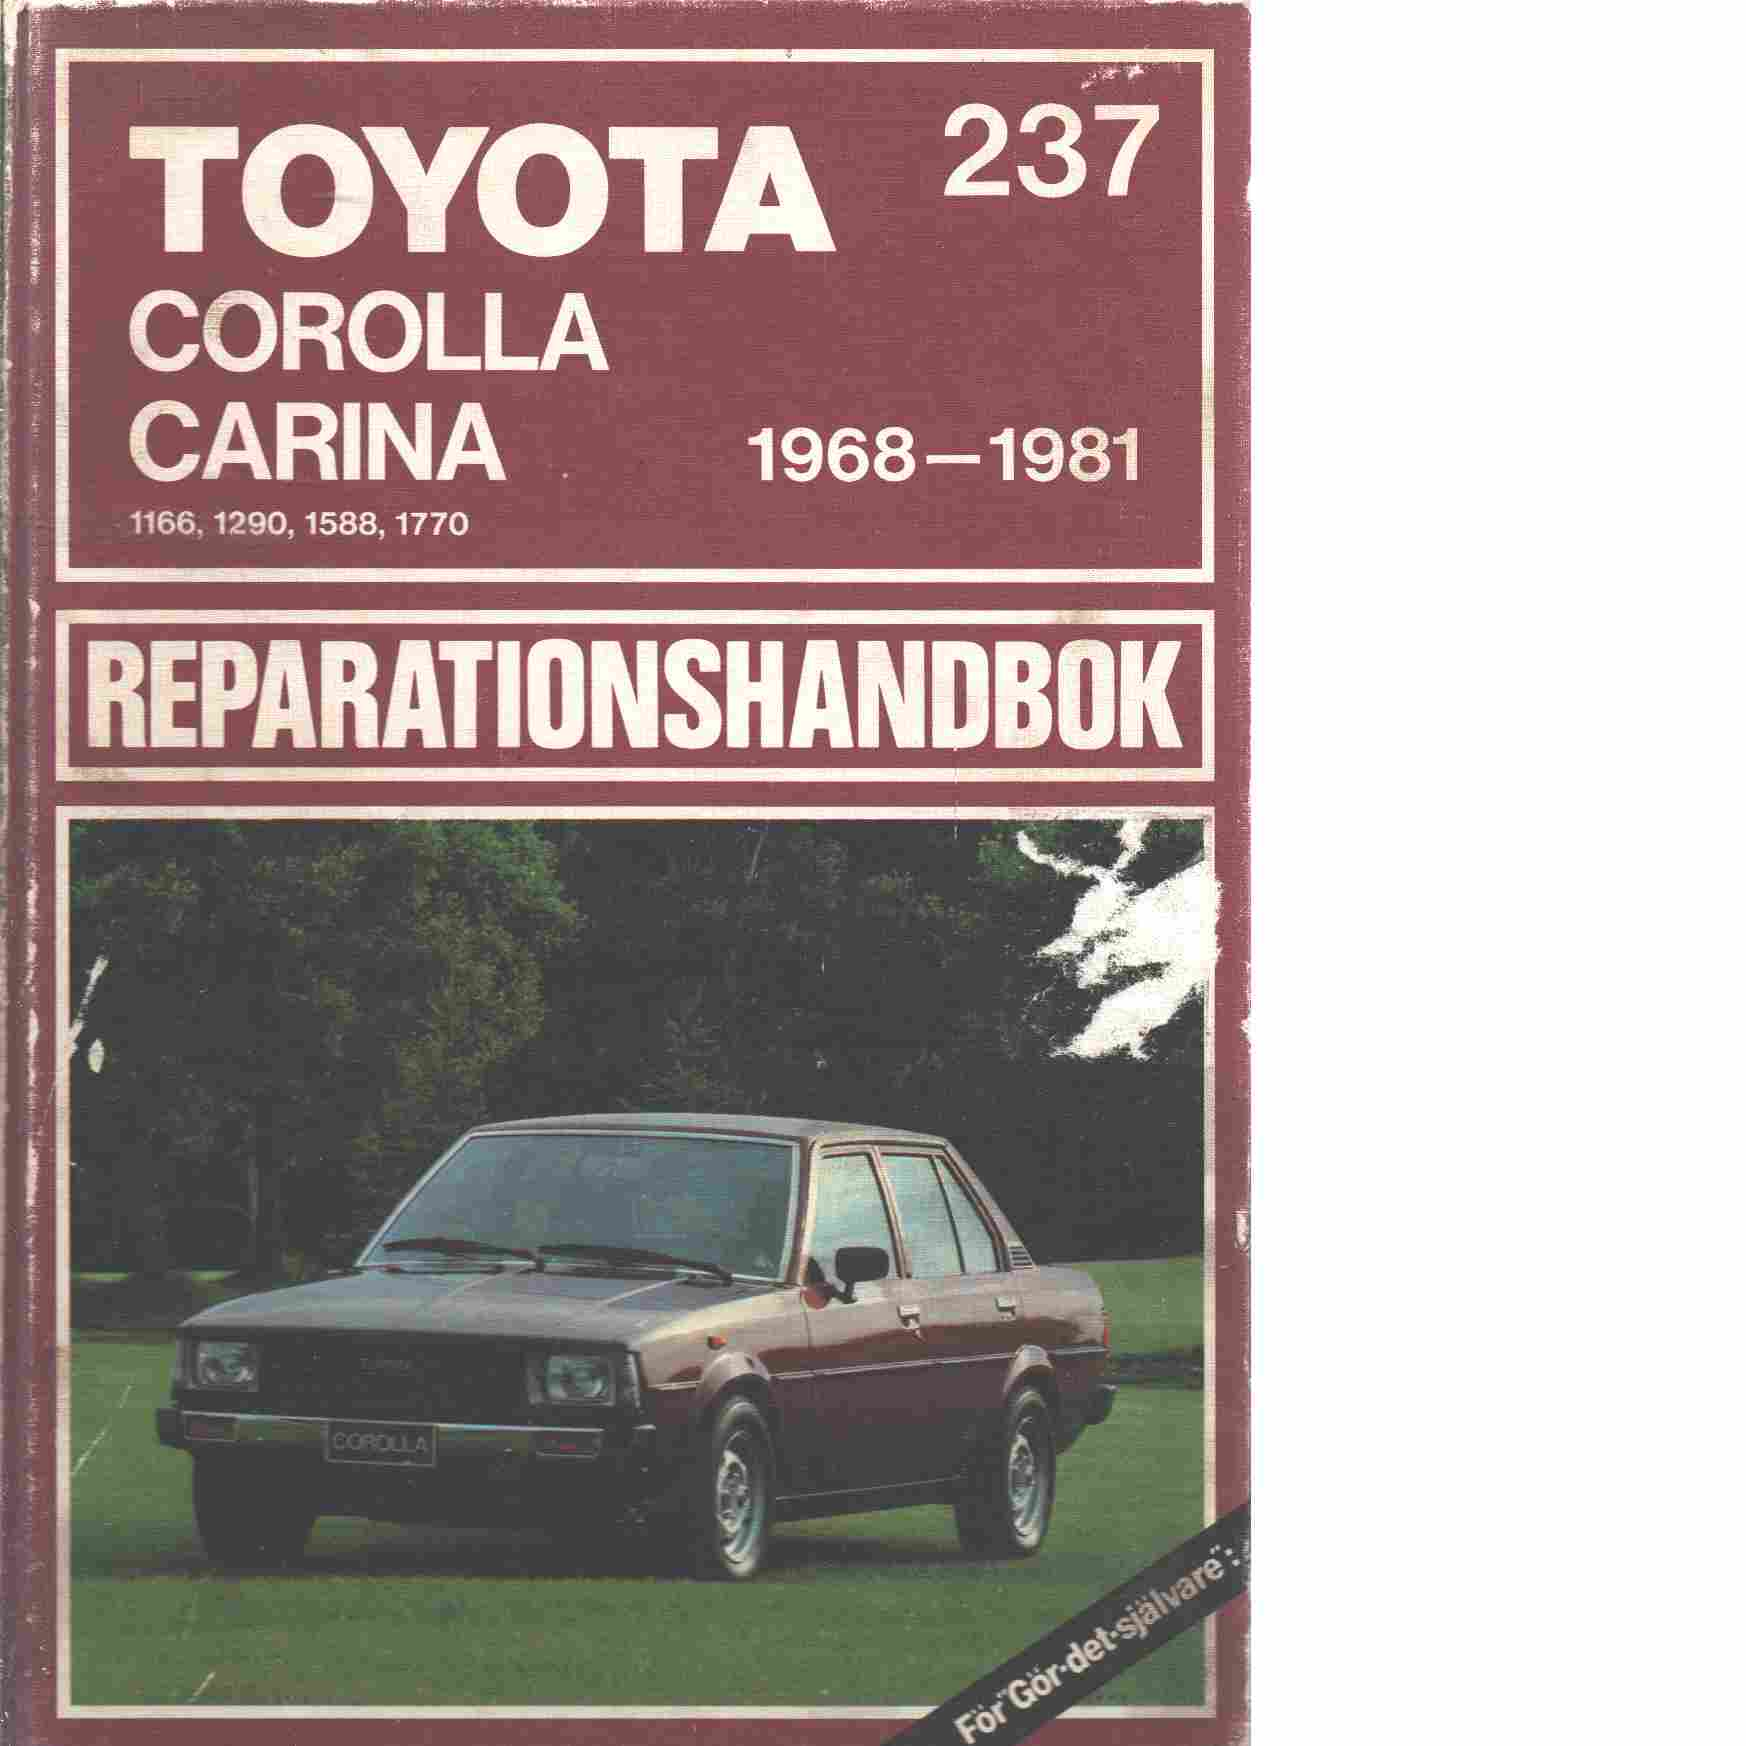 Toyota Corolla, Carina, 1166, 1290, 1588, 1770, 1968-1981 - Red.